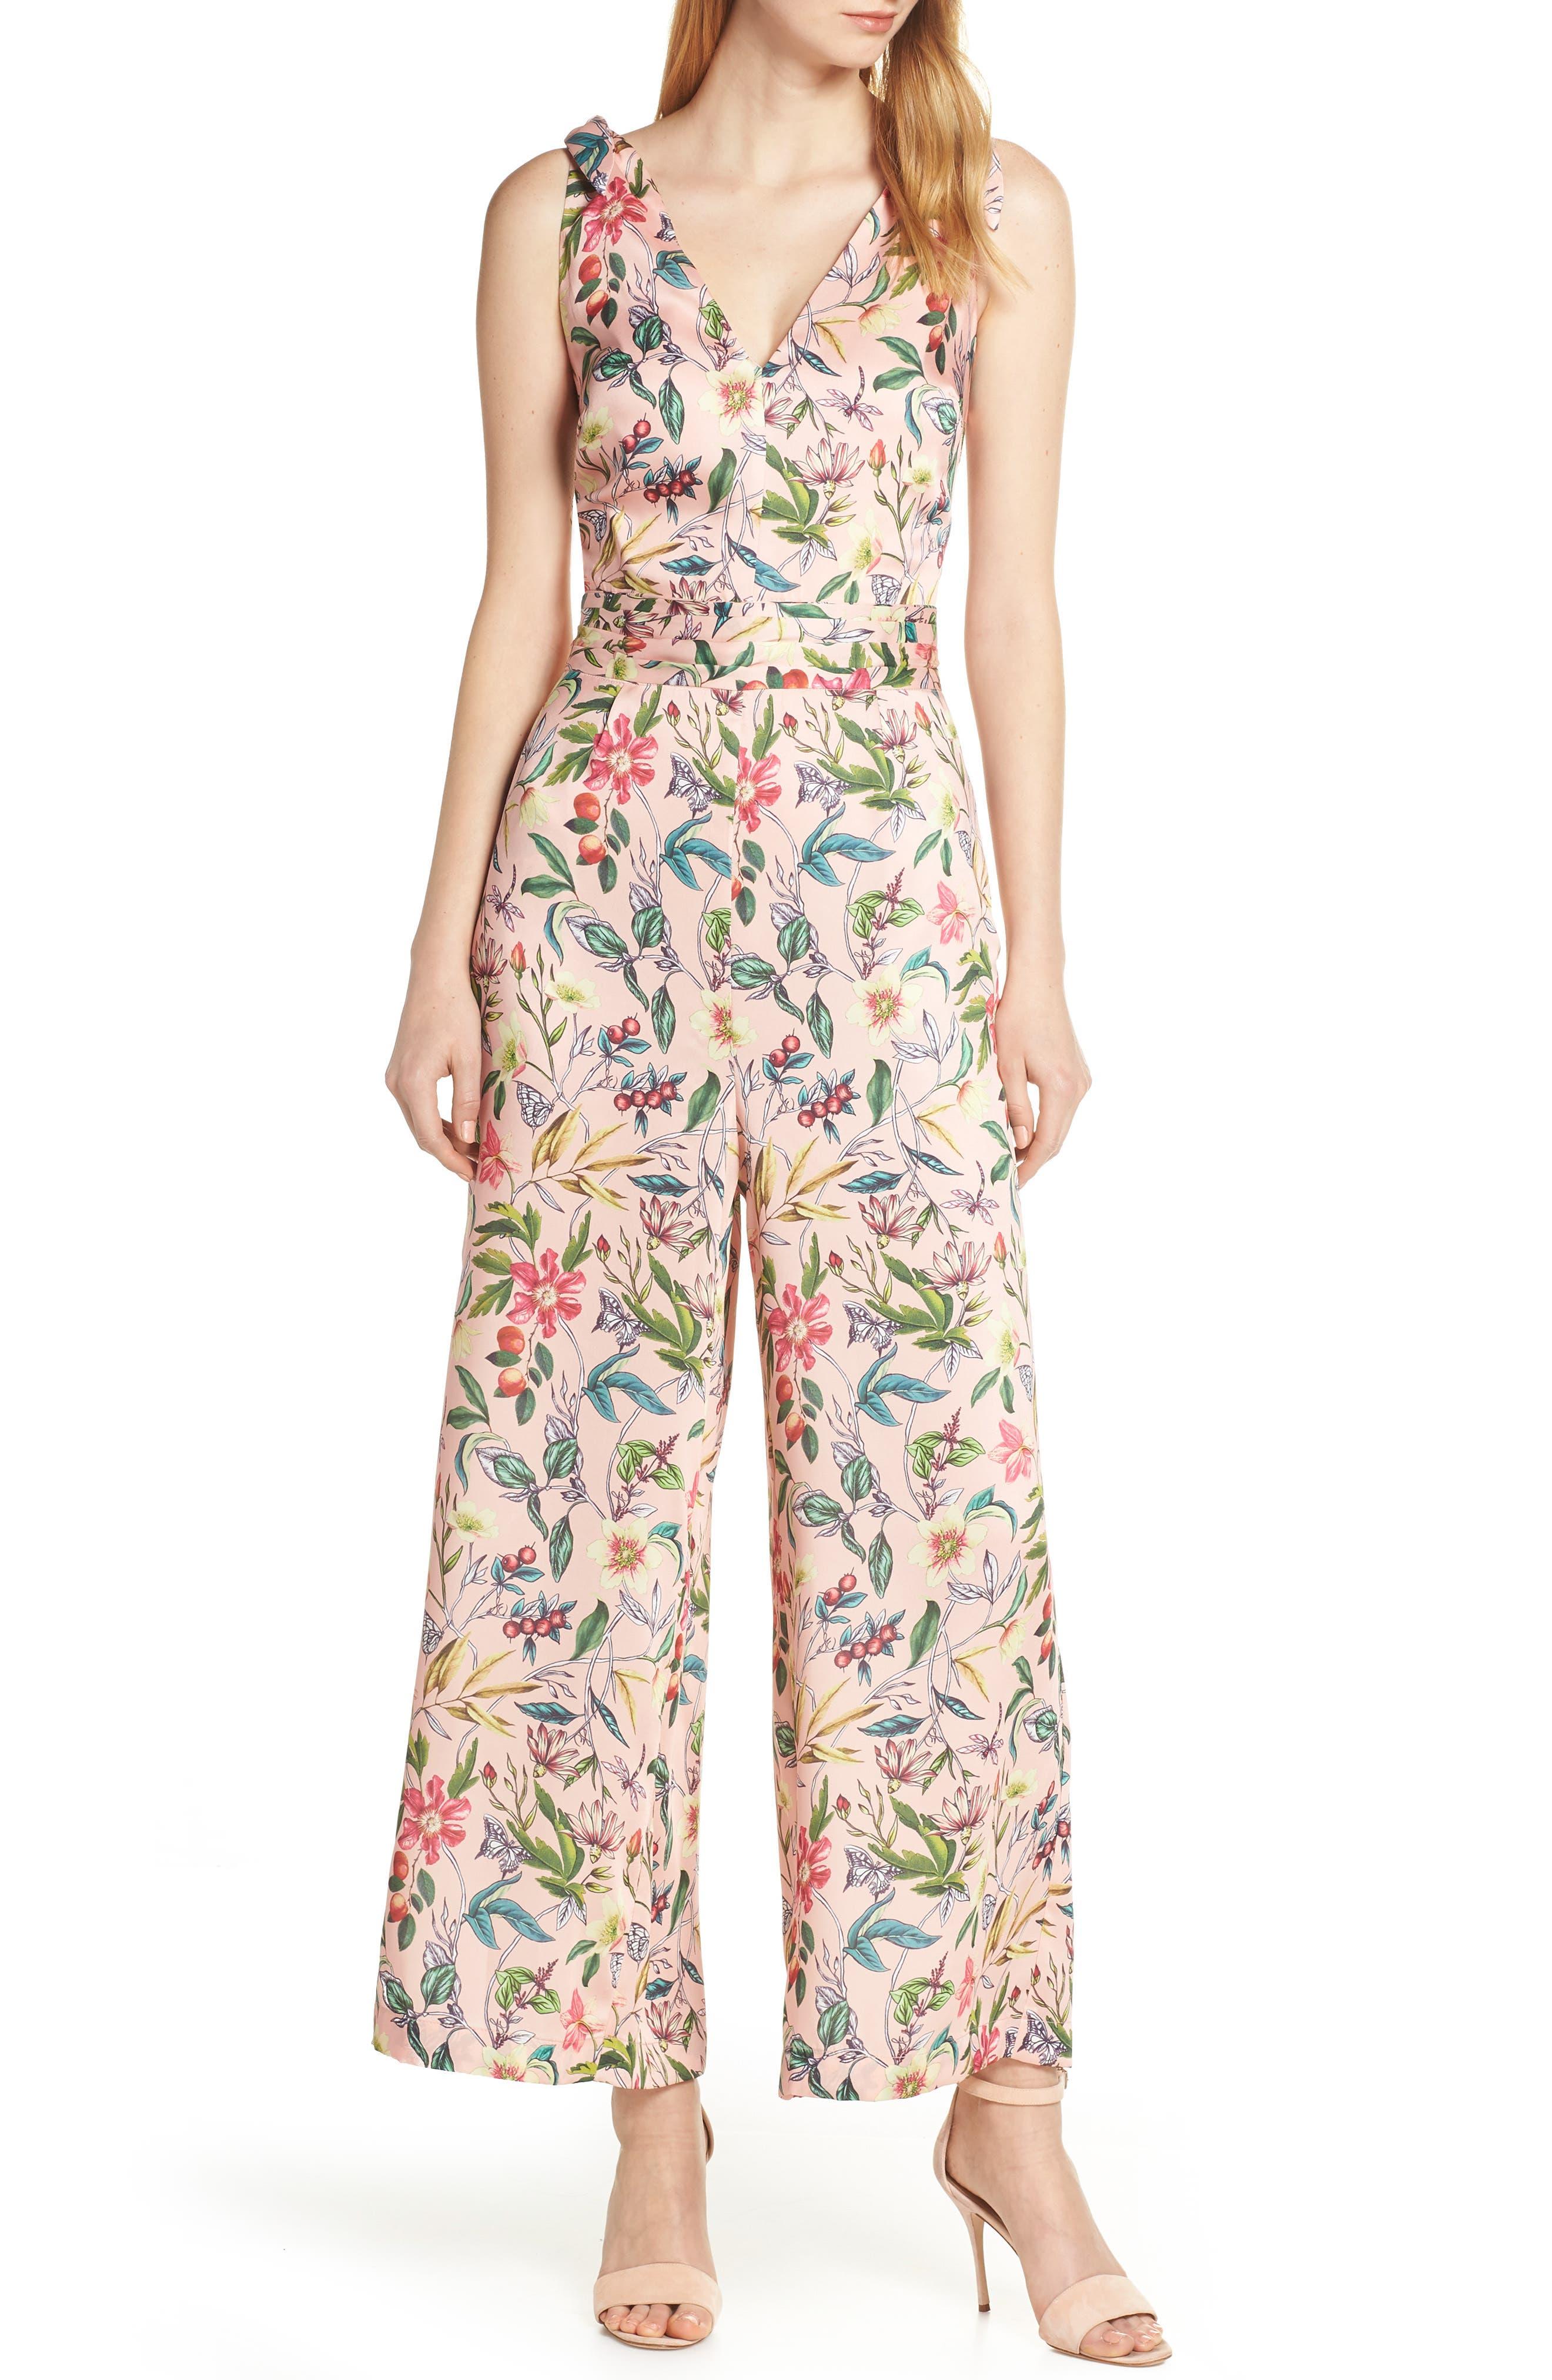 SAM EDELMAN, Floral Wide Leg Jumpsuit, Main thumbnail 1, color, PINK MULTI